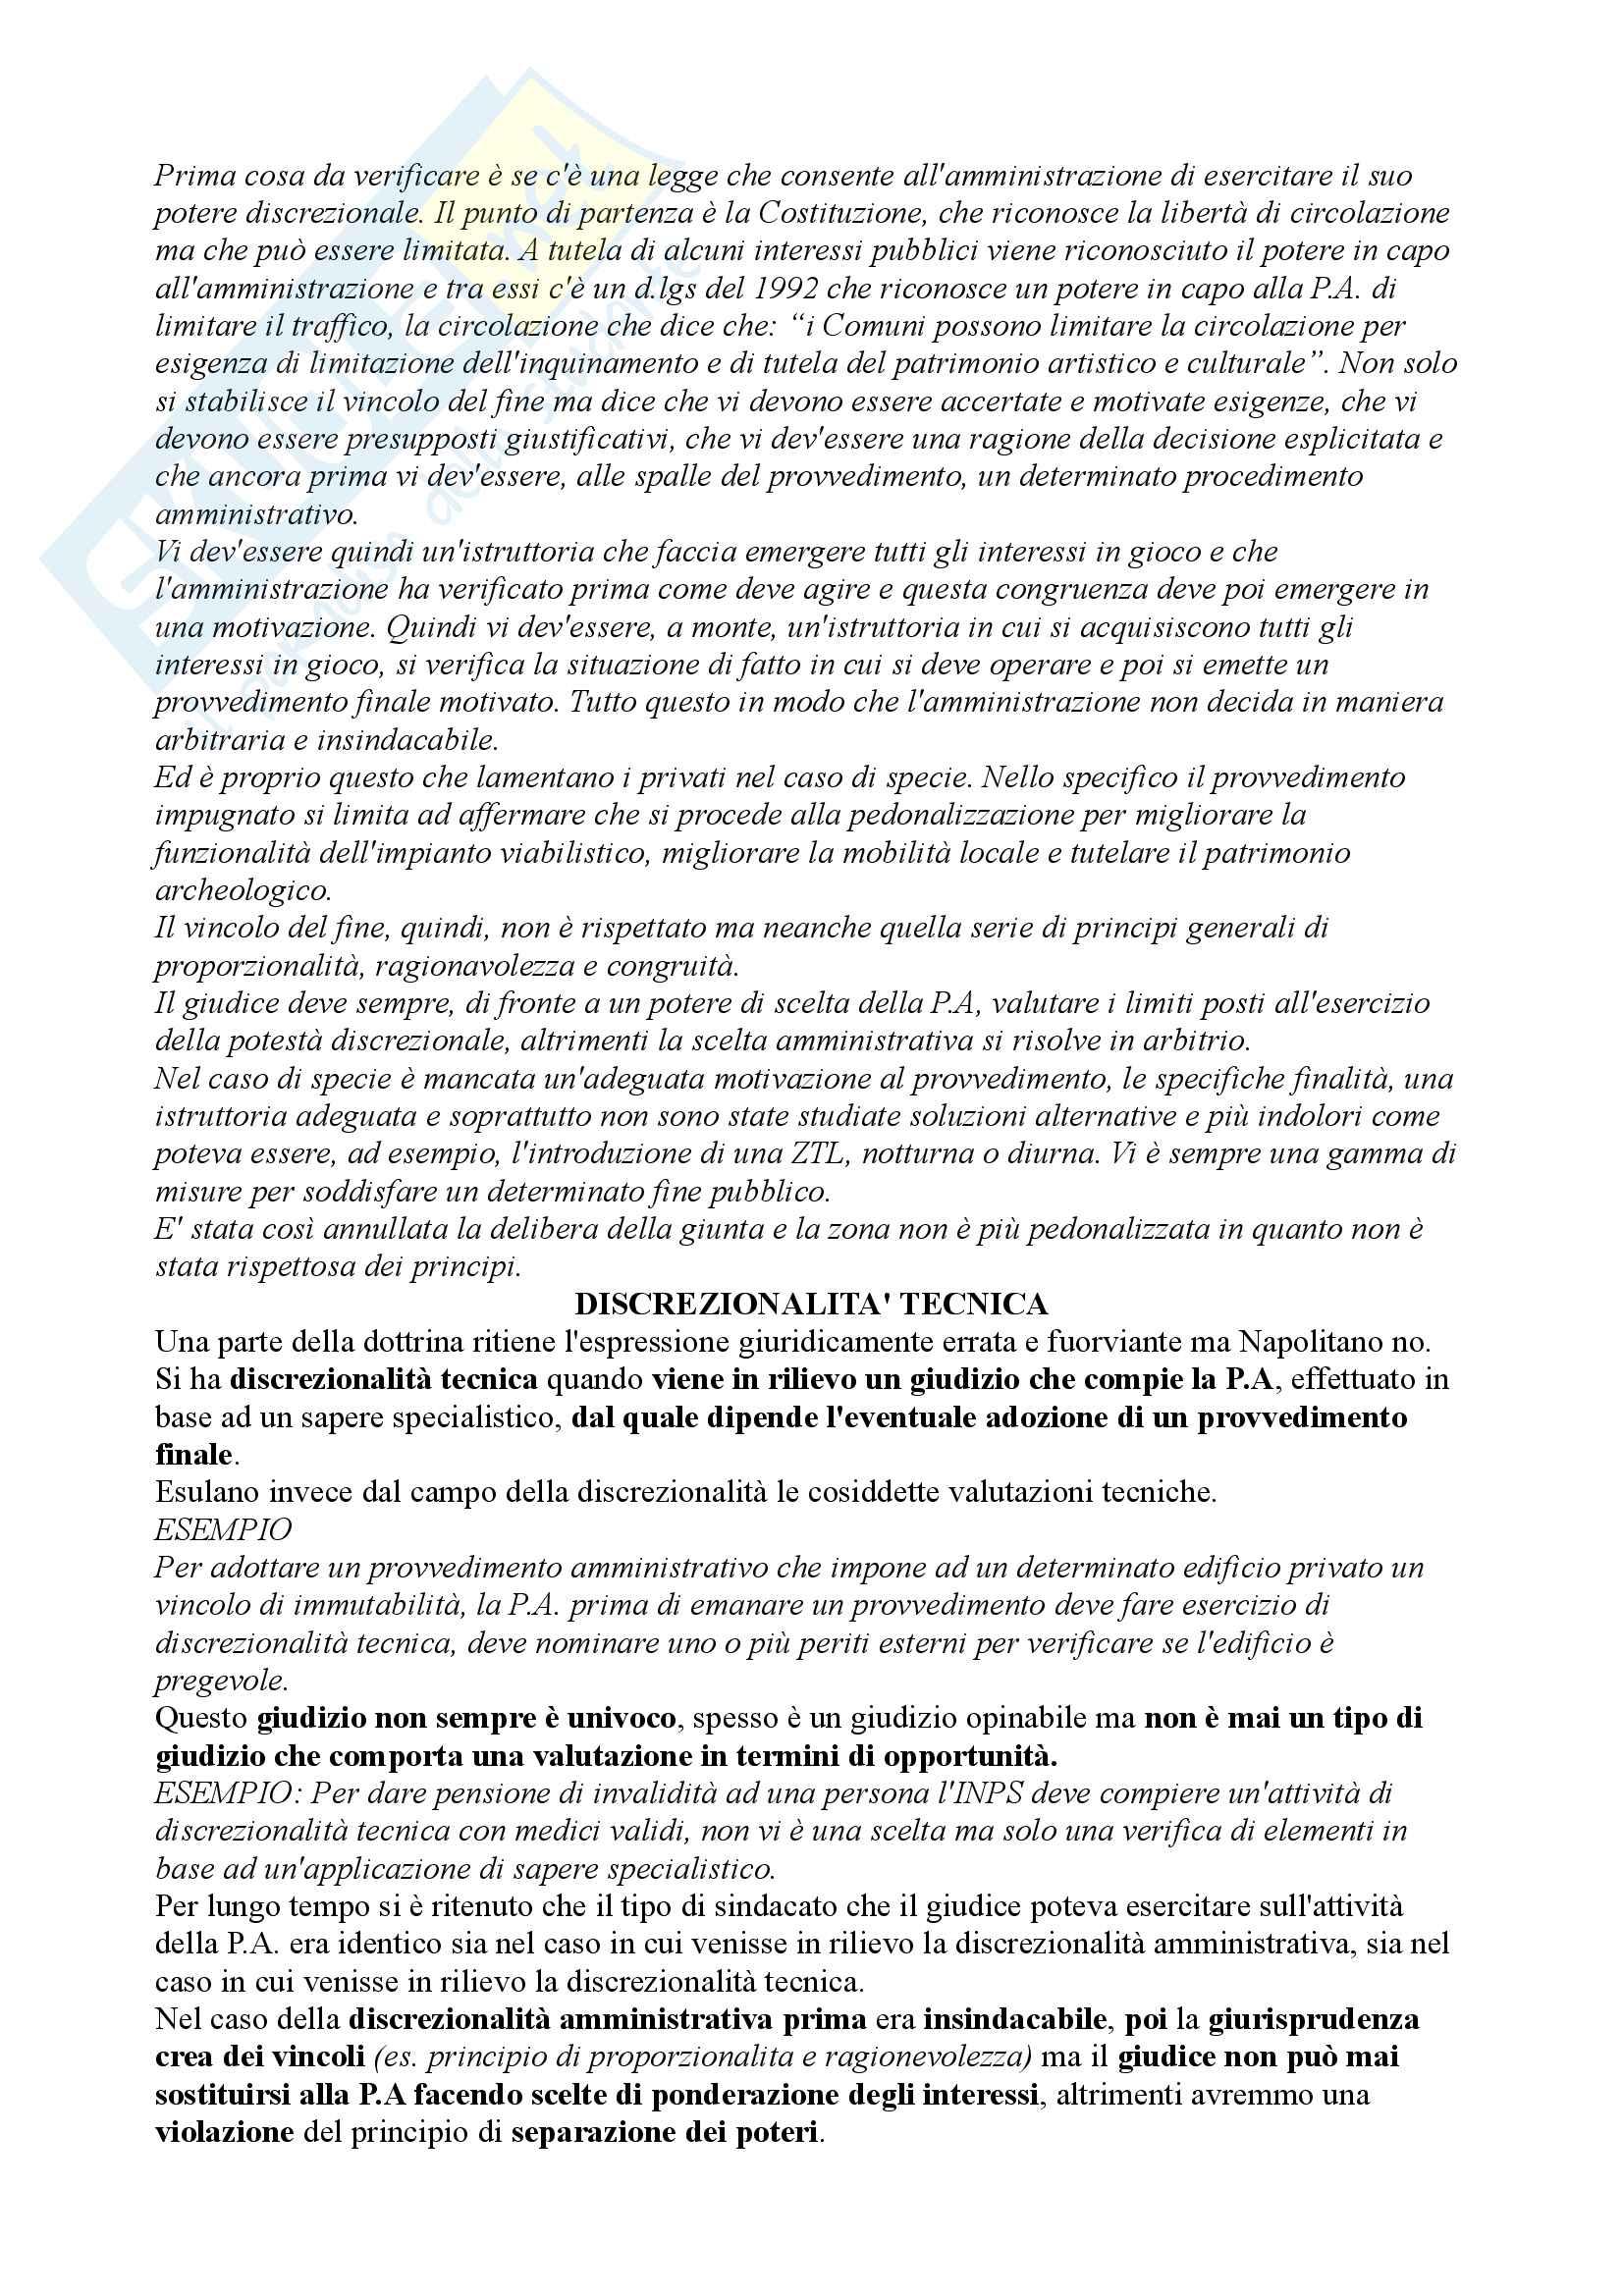 Diritto Amministrativo - Appunti a.a. 2014/2015 Pag. 21